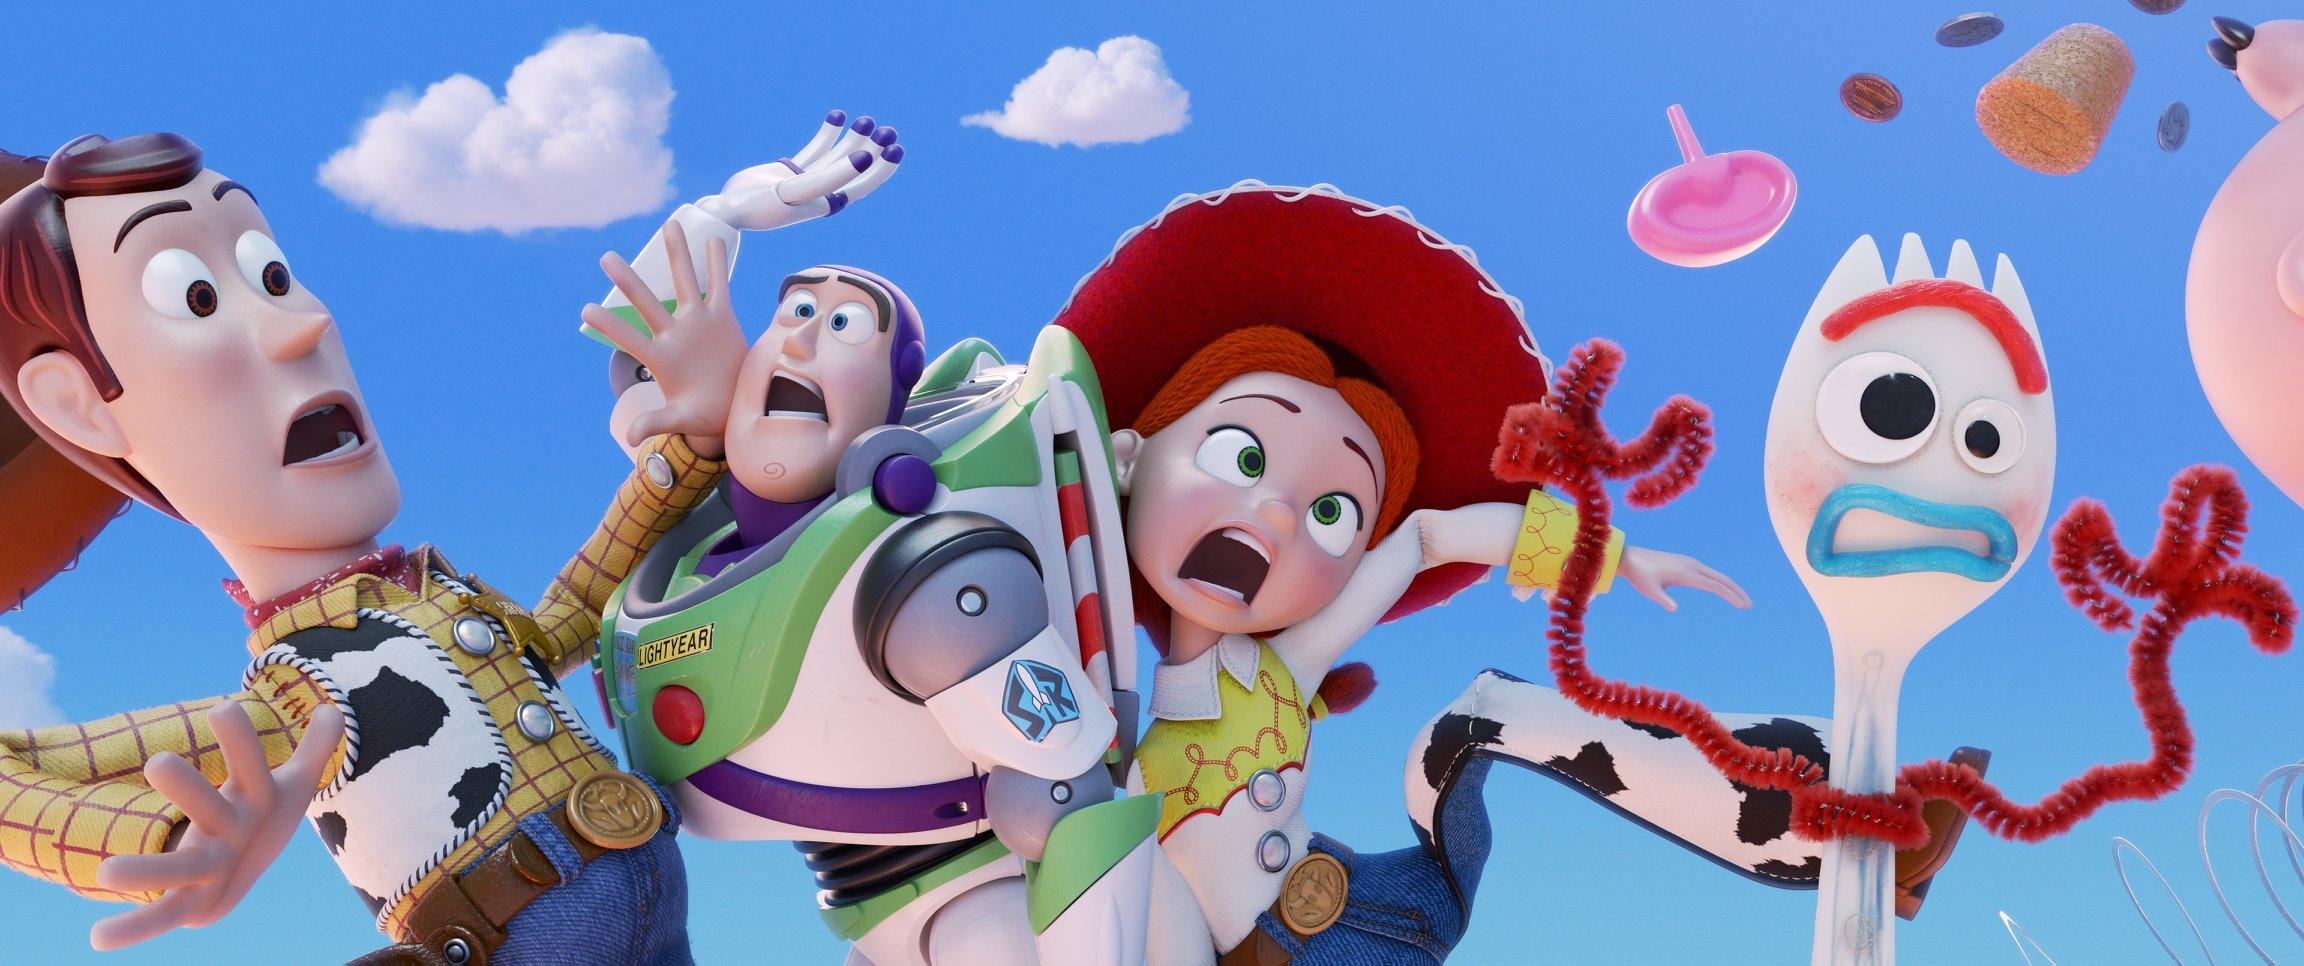 PIXAR's Storytelling Program is FREE ONLINE! Pixar ya no realizar secuelas